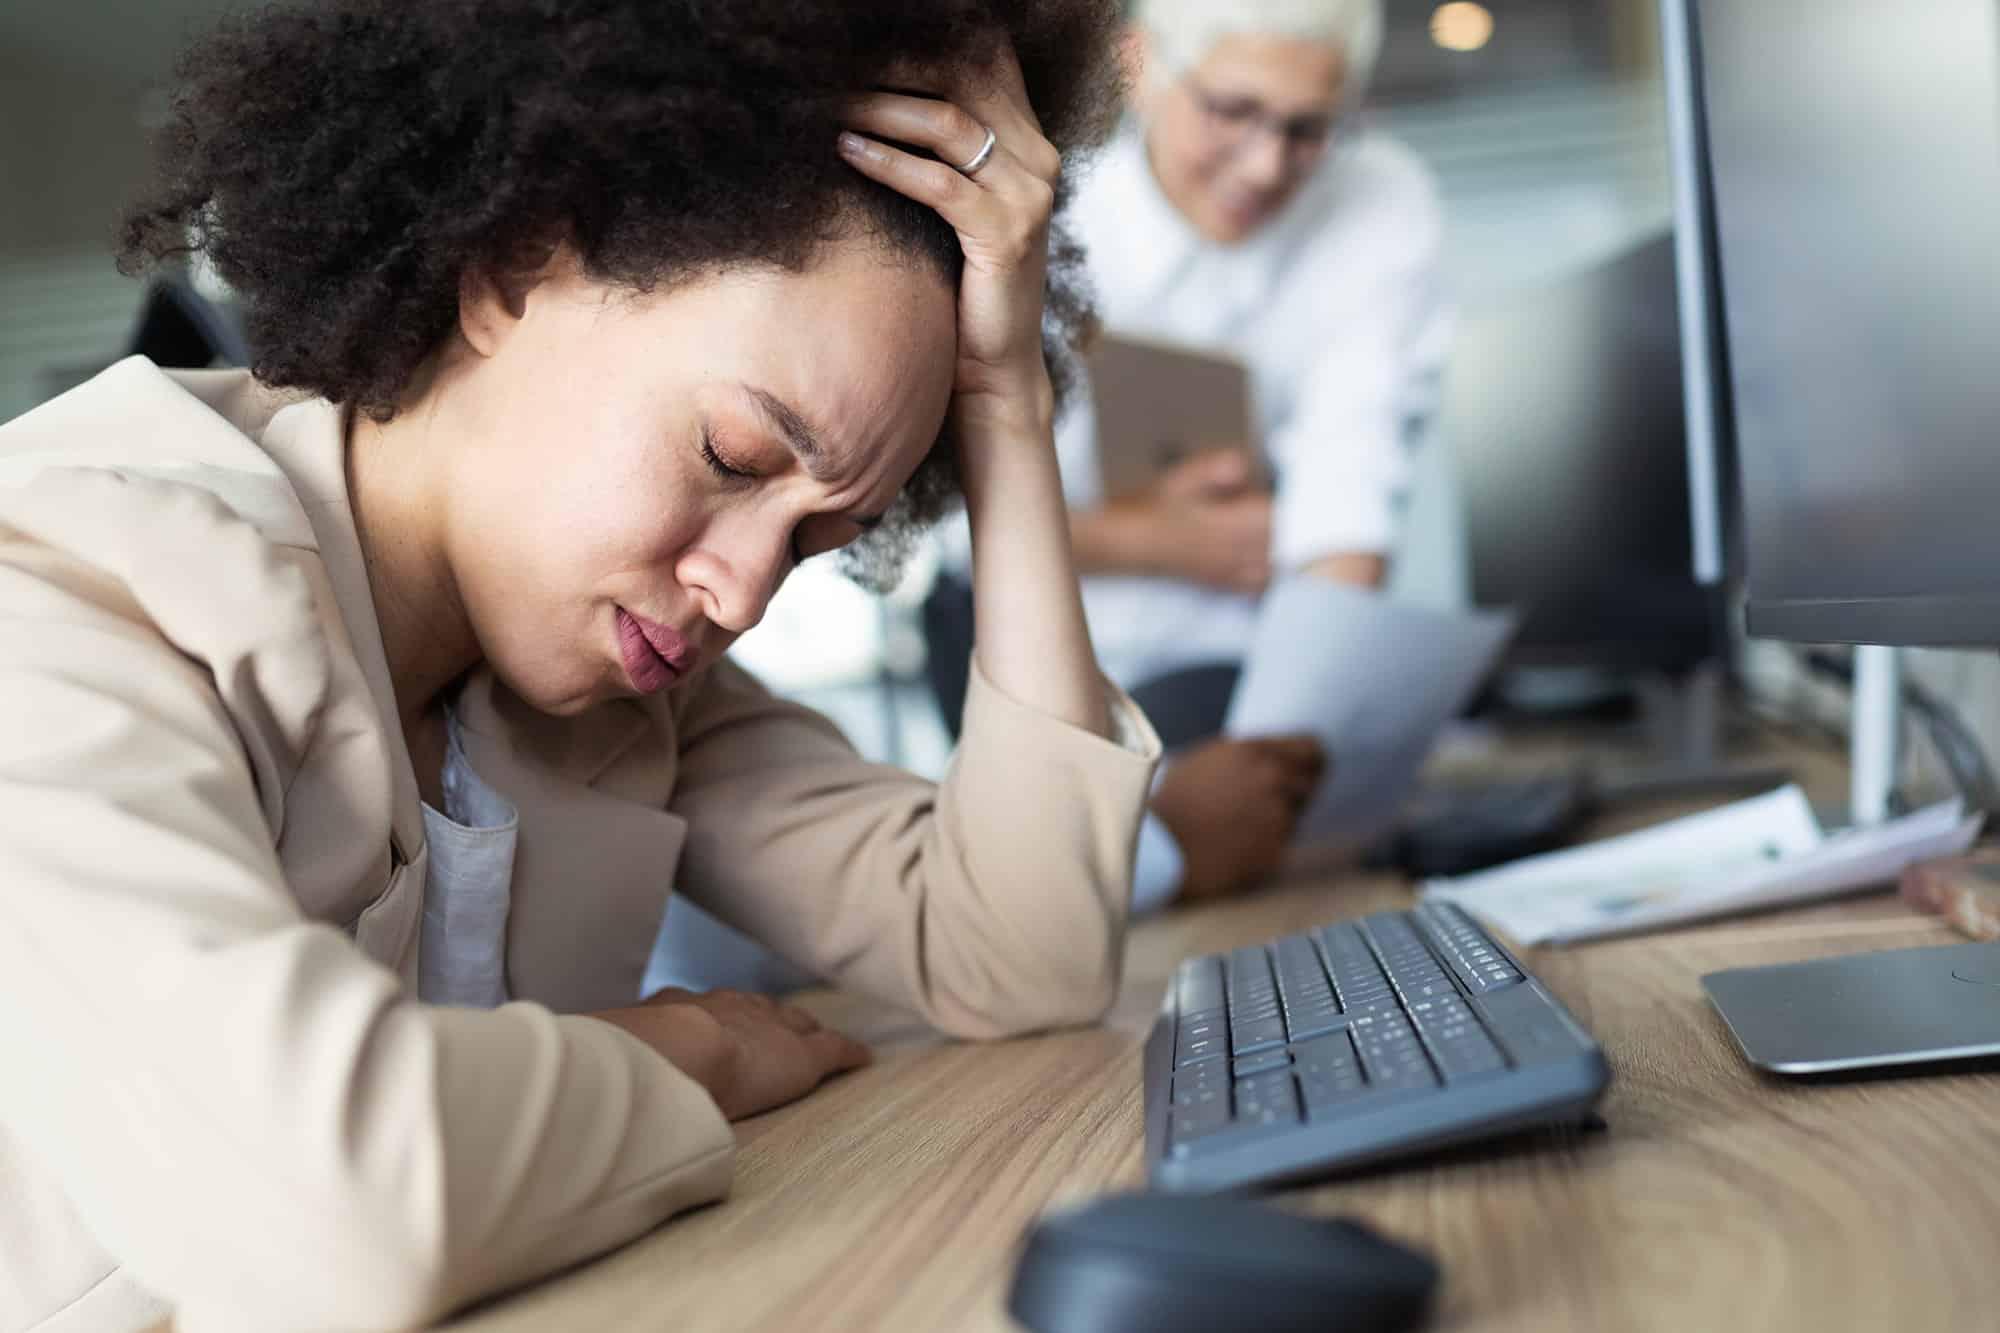 santé au travail risques psychosociaux management bienveillant